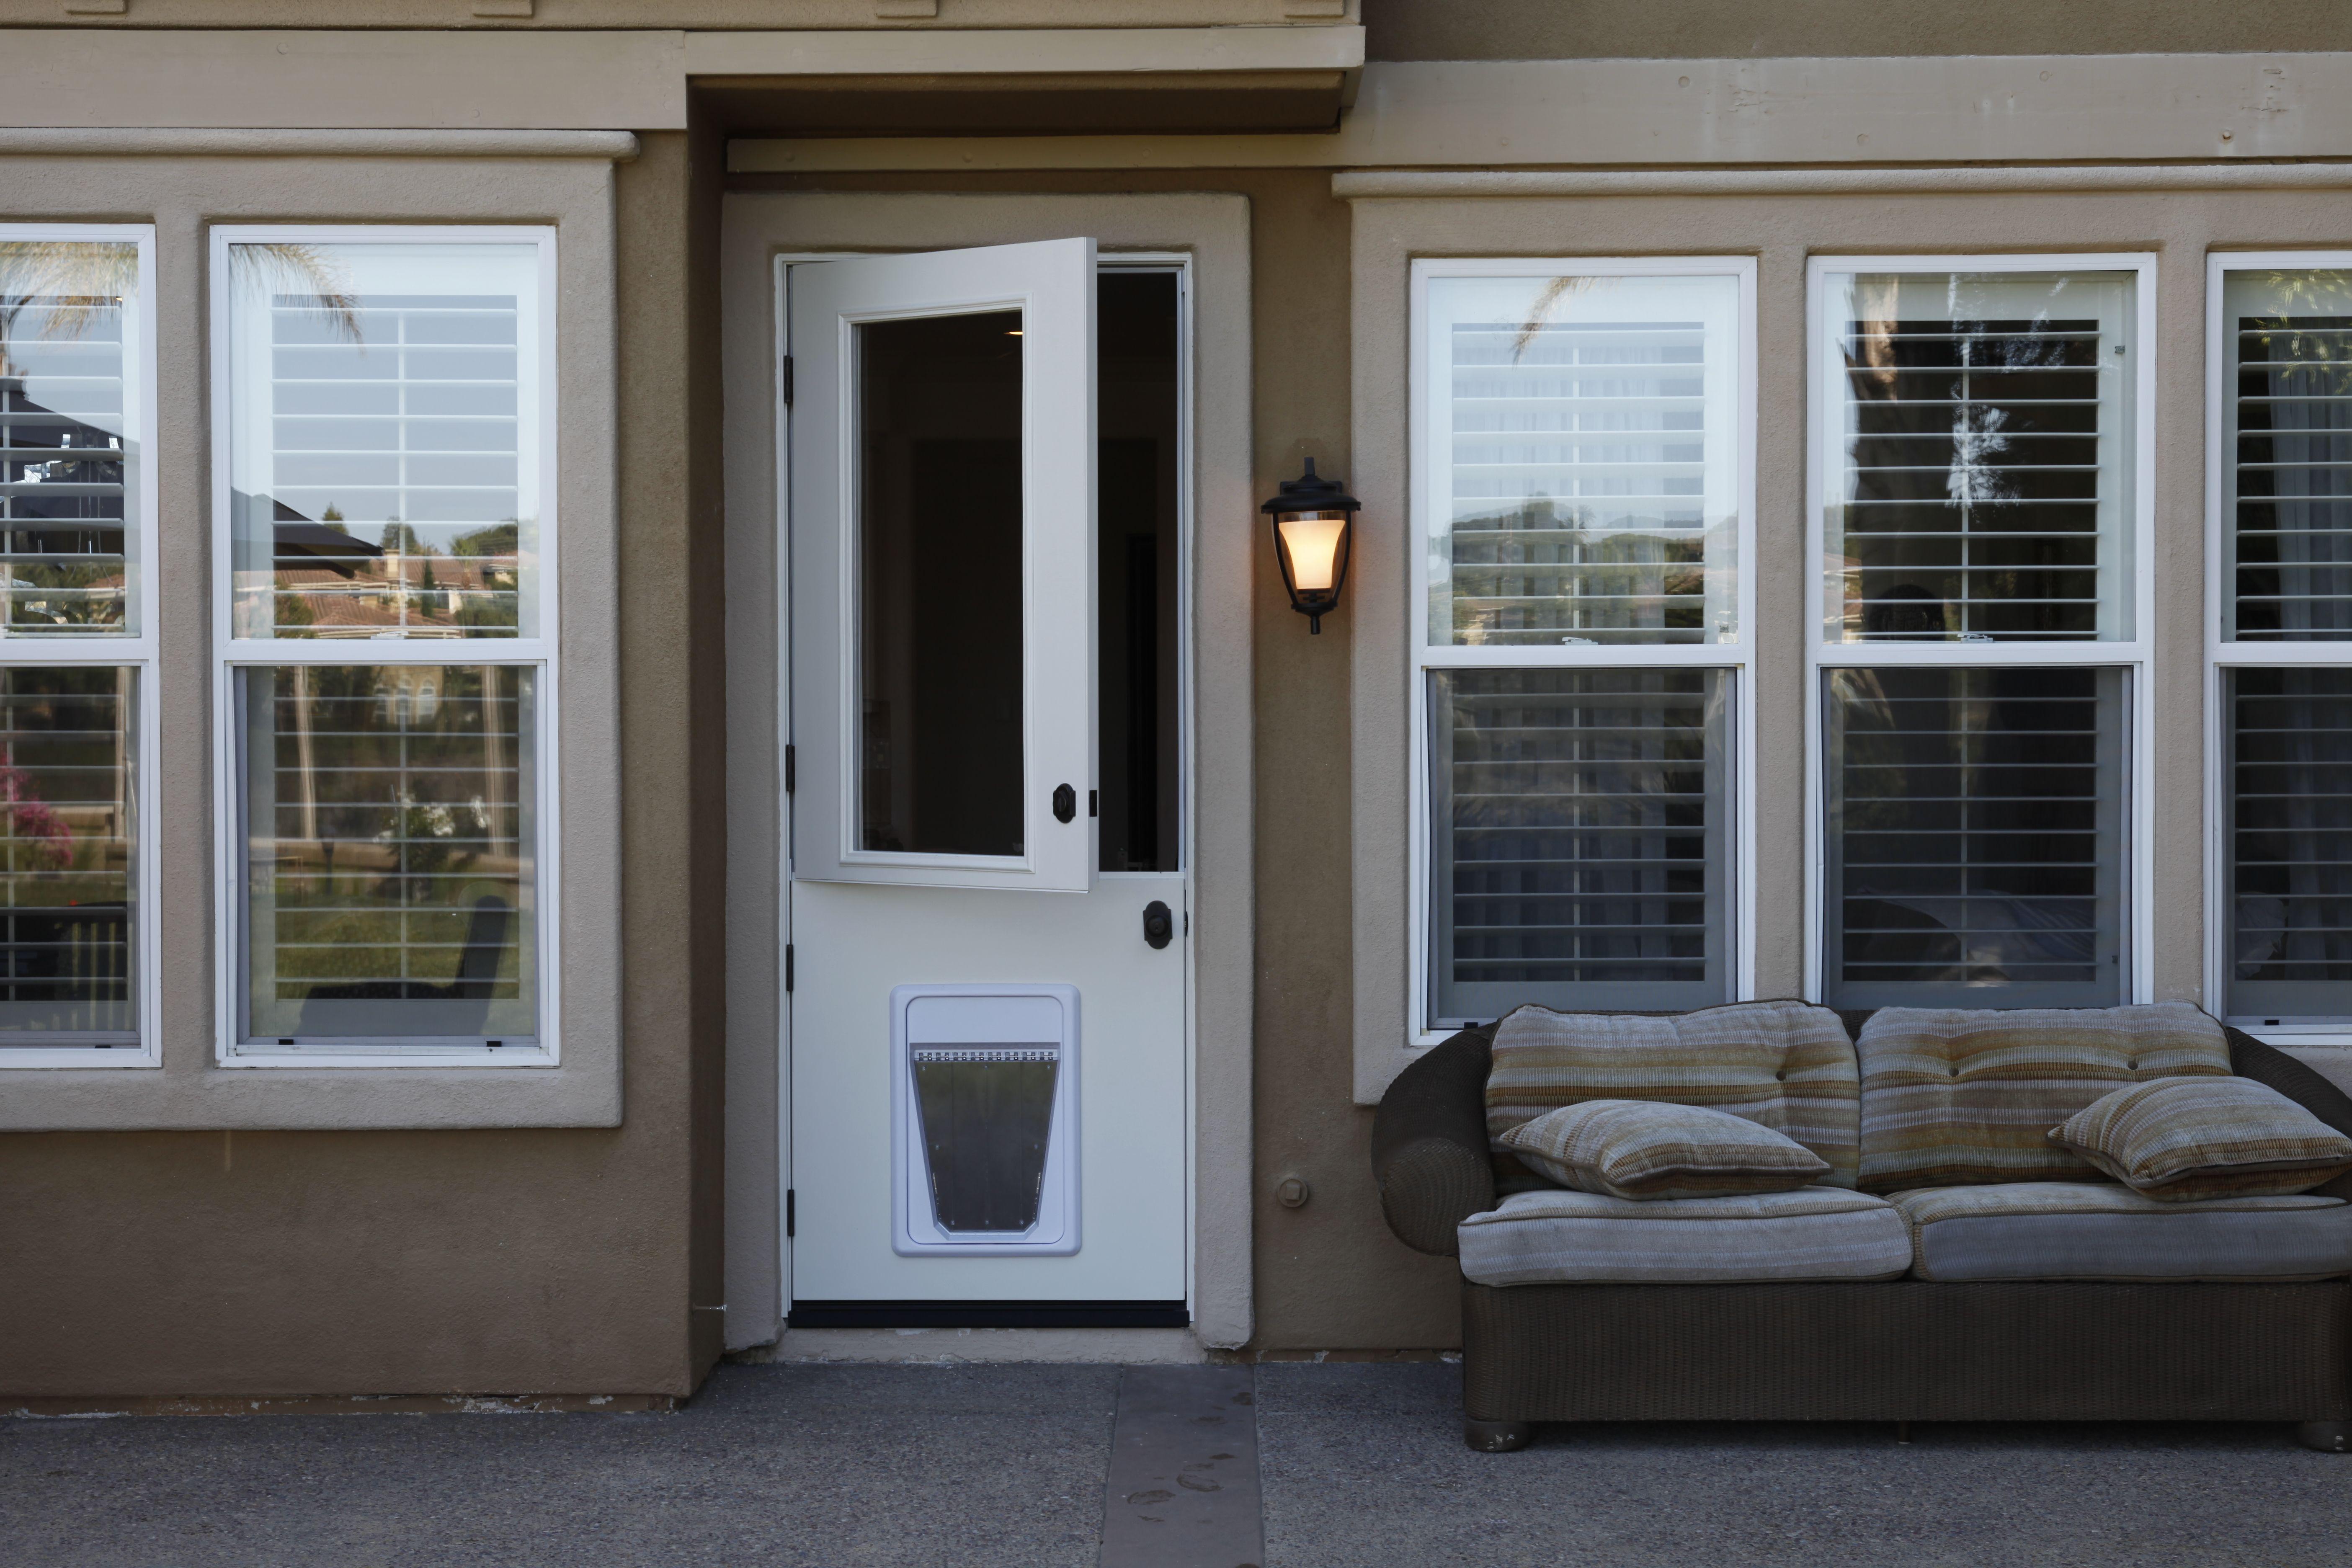 8 foot tall dutch door with a pet door - 8 foot tall interior french doors ...